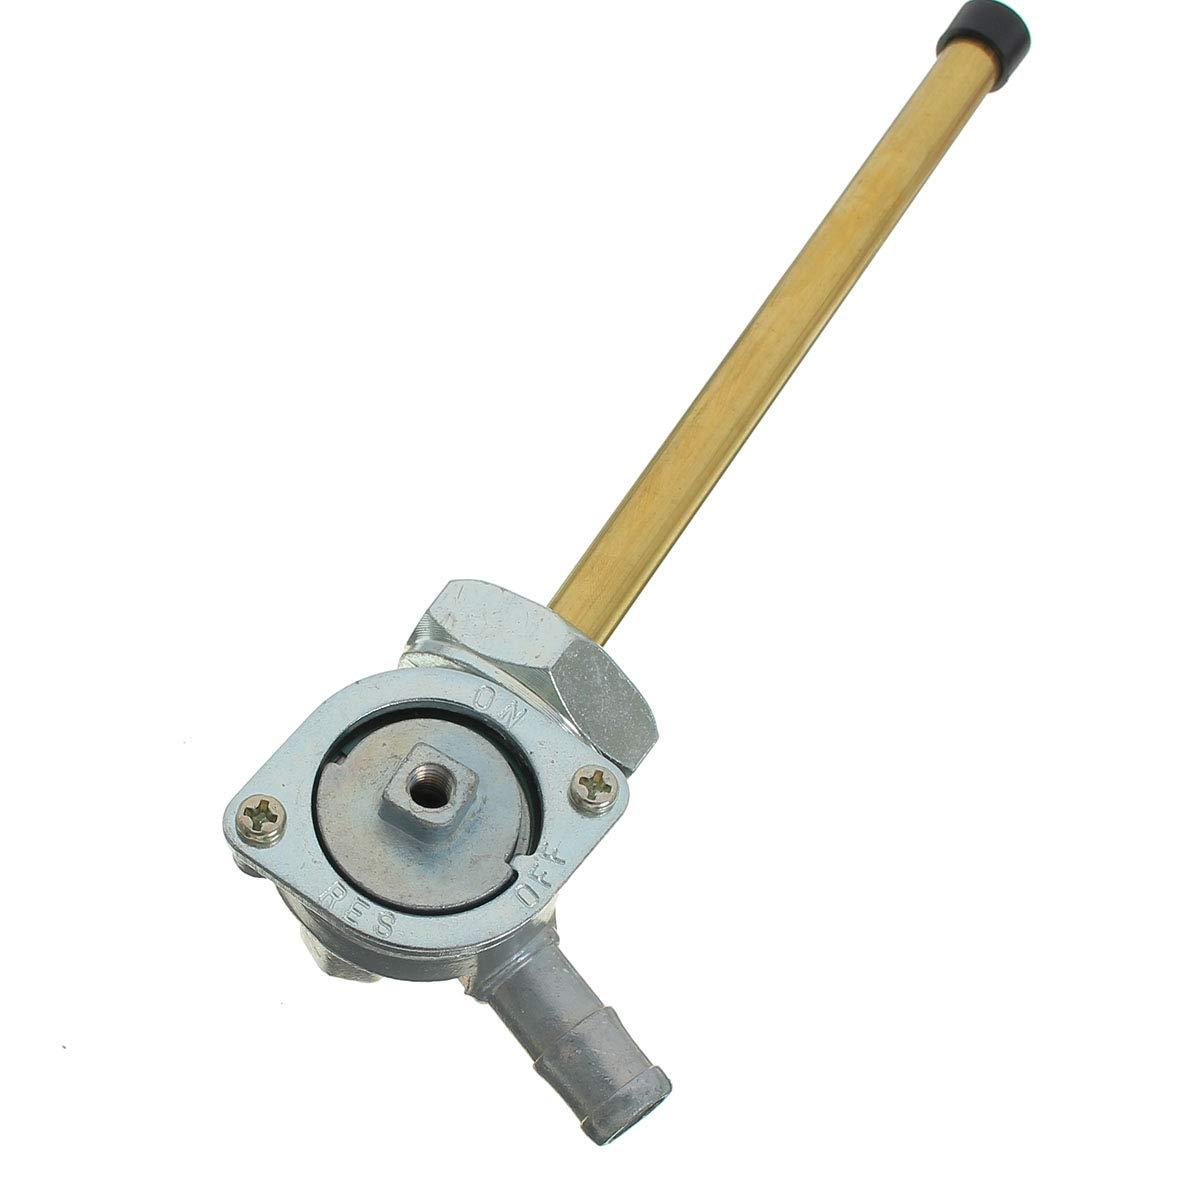 Interruptor de v/álvula de Grifo de Combustible para Motocicleta Honda CBR600F1 VLX600 CBR600 XuBa